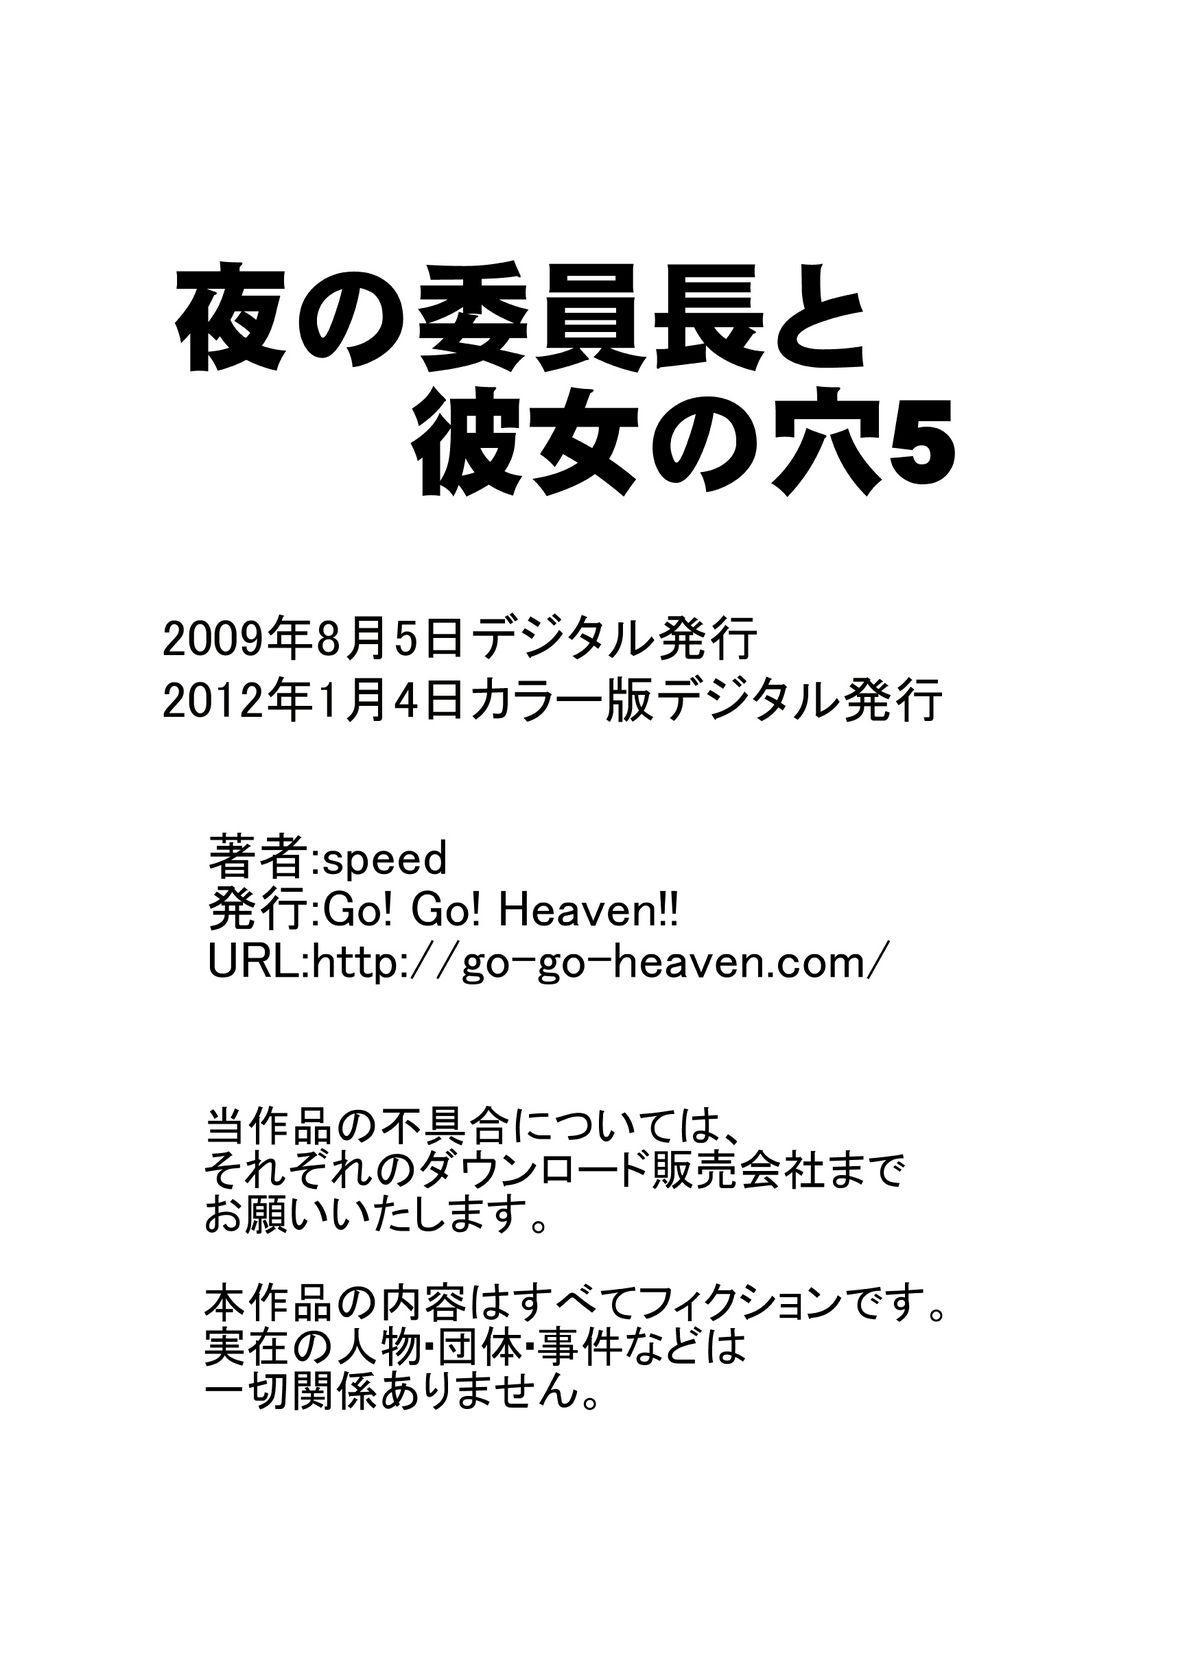 Yoru no Iinchou to Kanojo no Ana 5 Color Ban 12